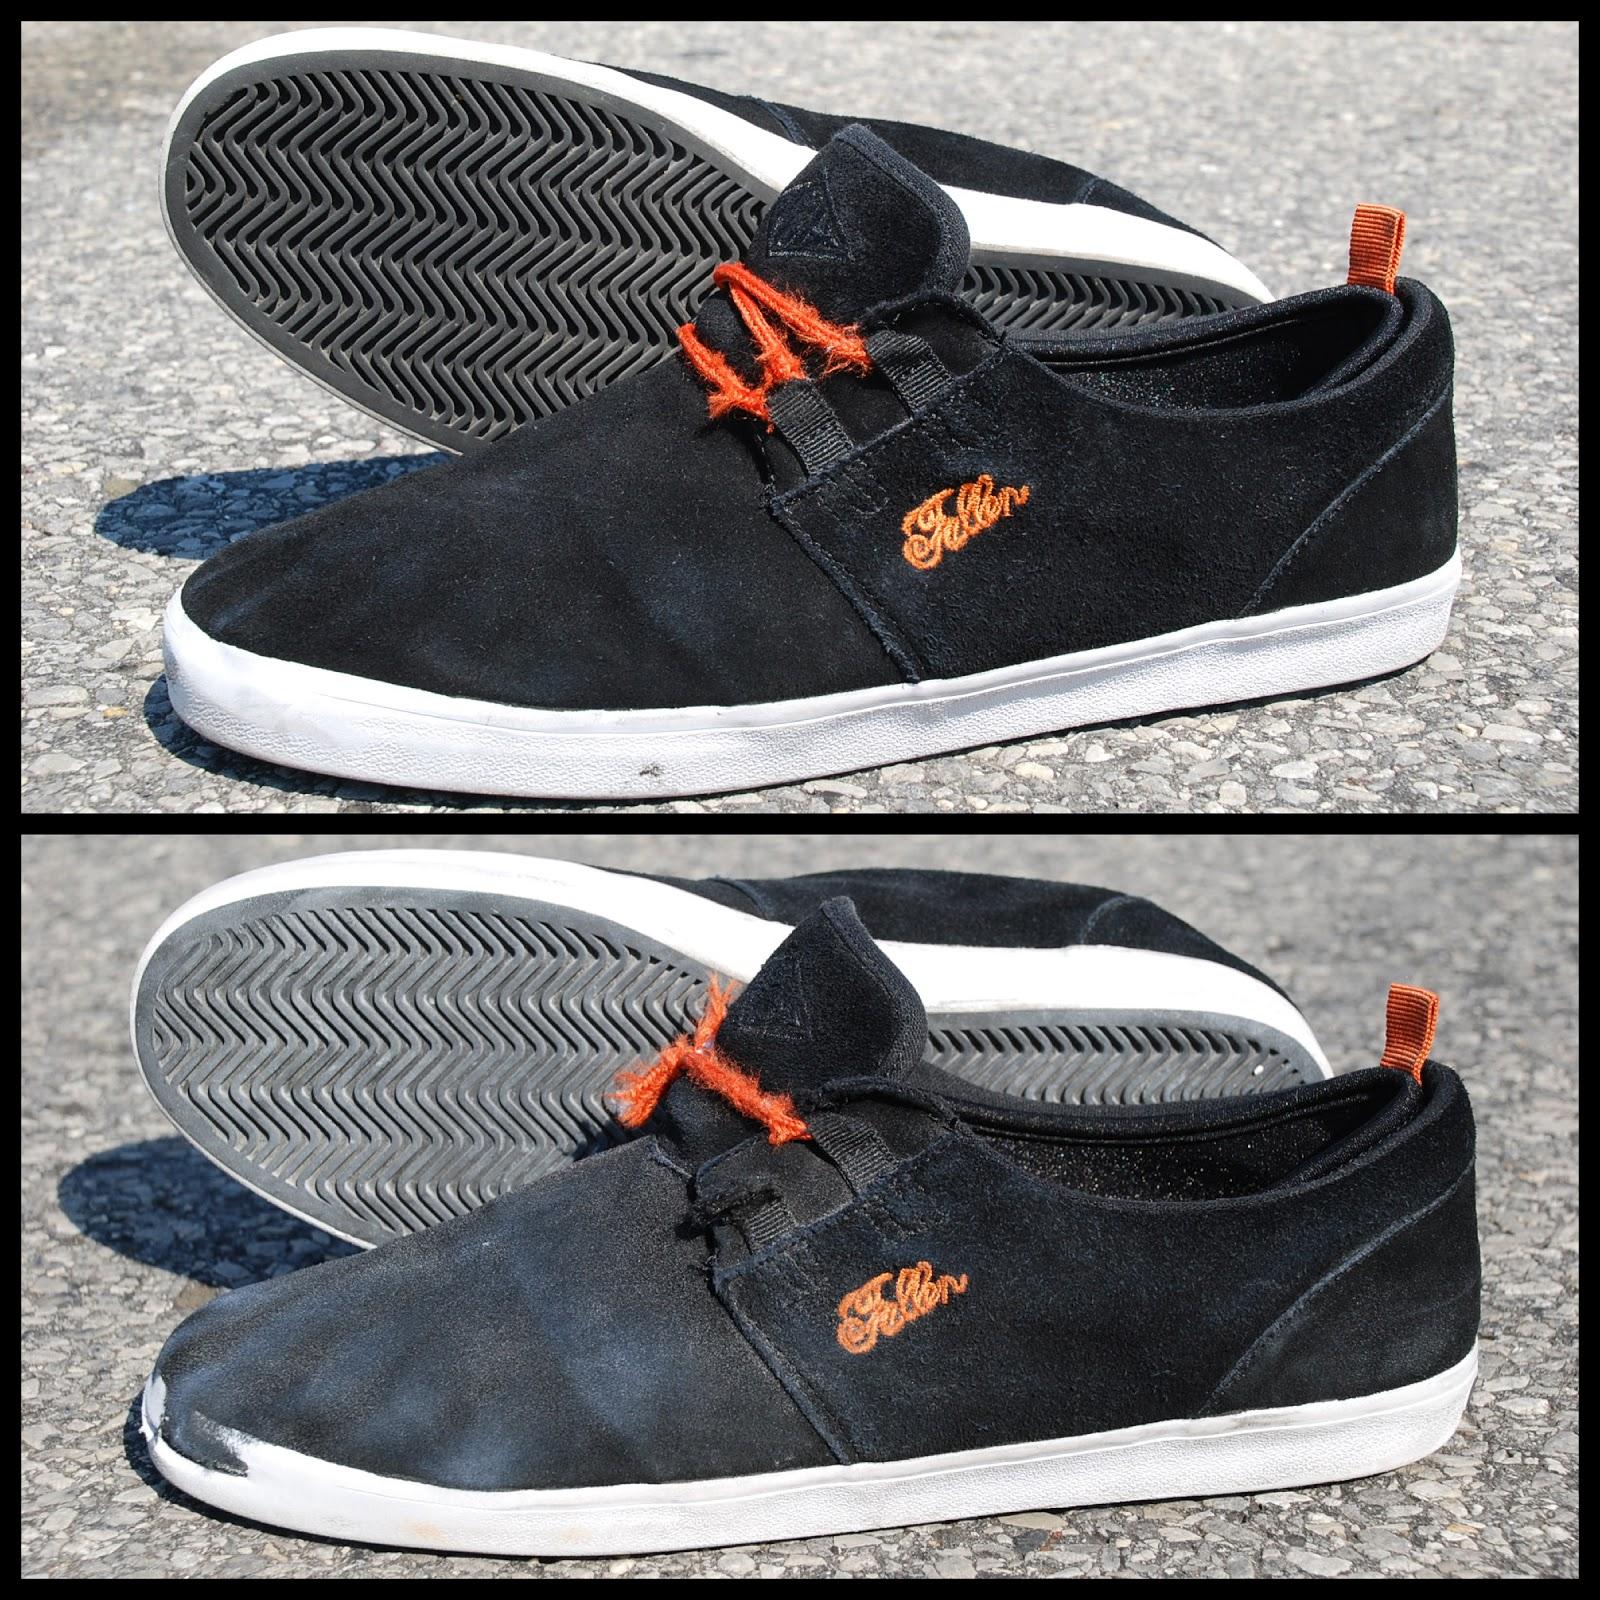 Fallen Easy Shoe Review